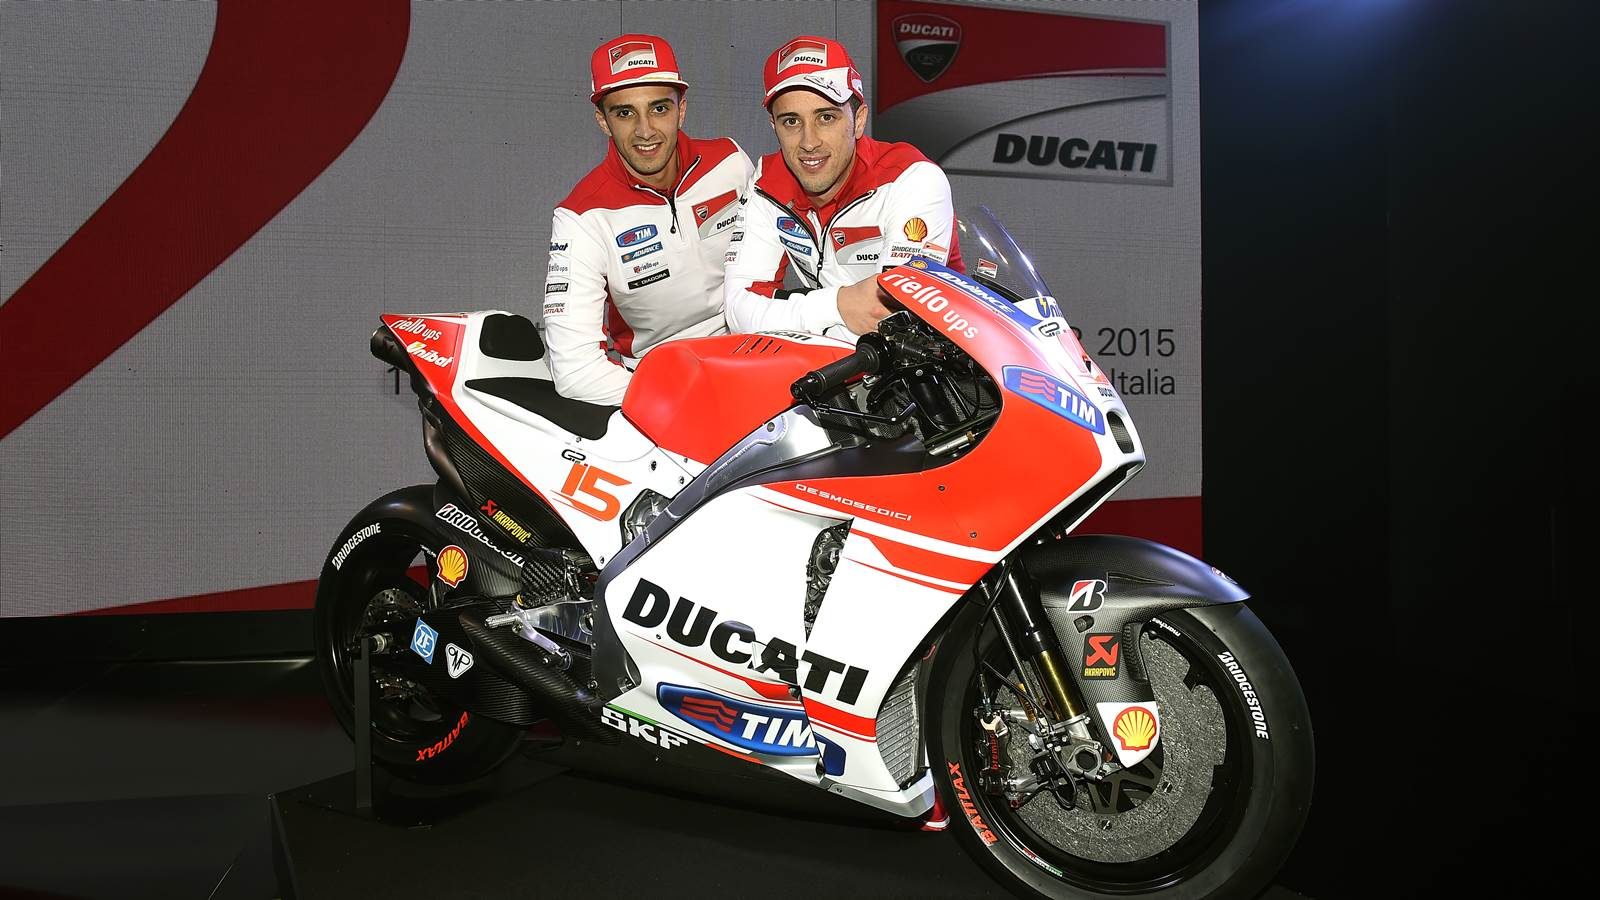 Ducati factory riders with GP15 - Andrea Iannone and Andrea Dovizioso